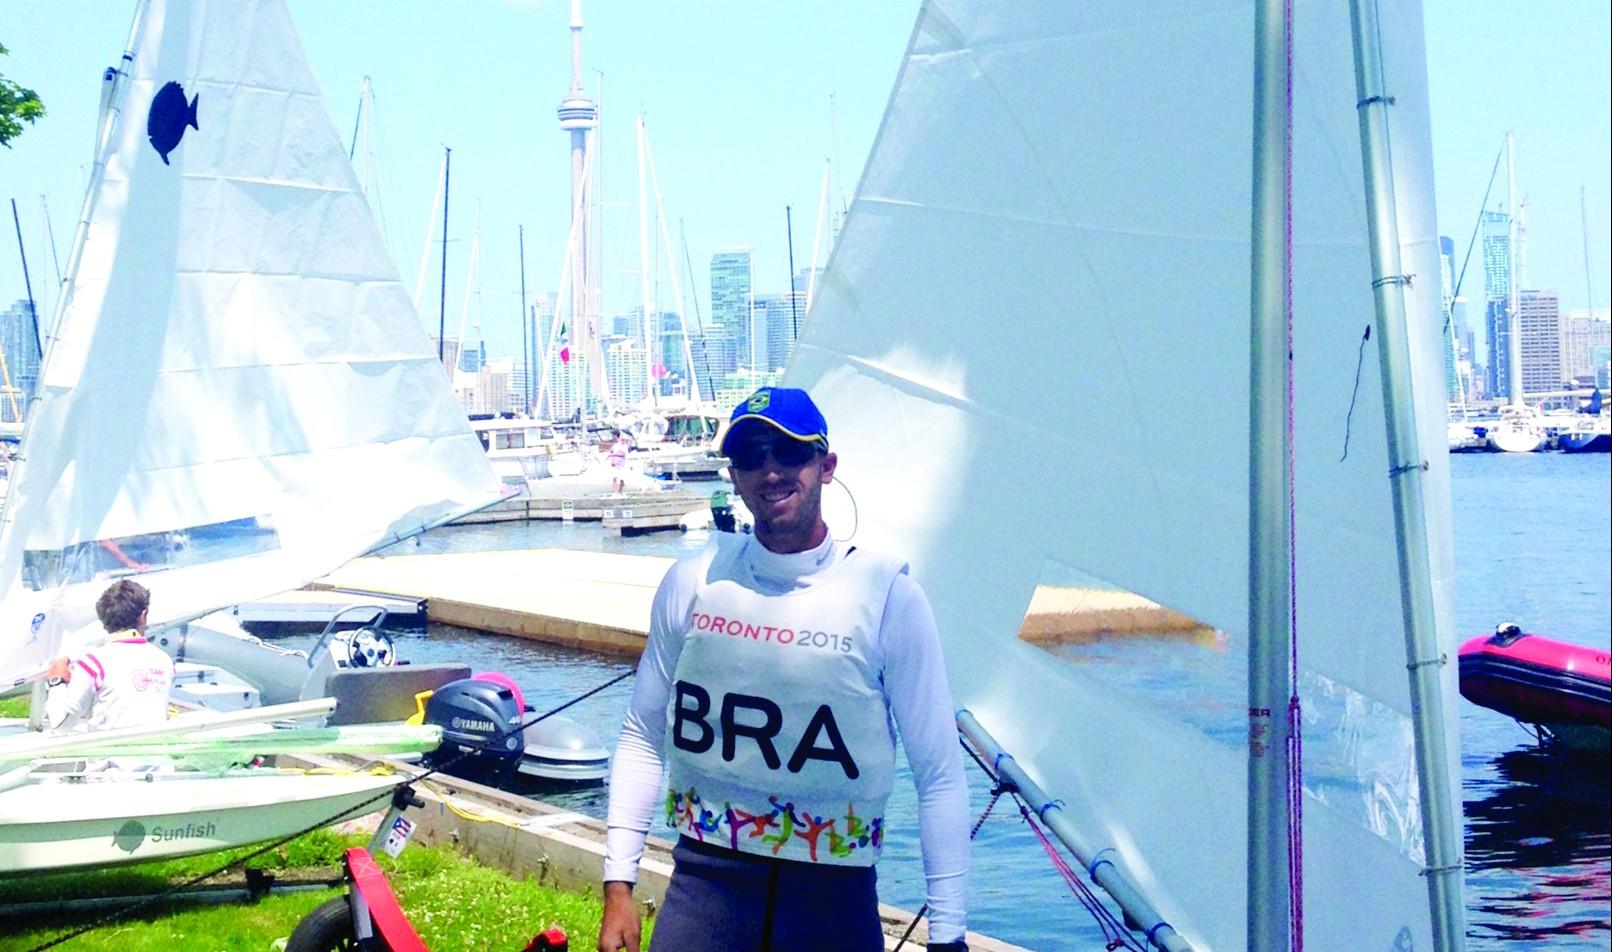 João Hackerott, meteorologista e velejador, representou o Brasil nos Jogos Pan-Americanos 2015